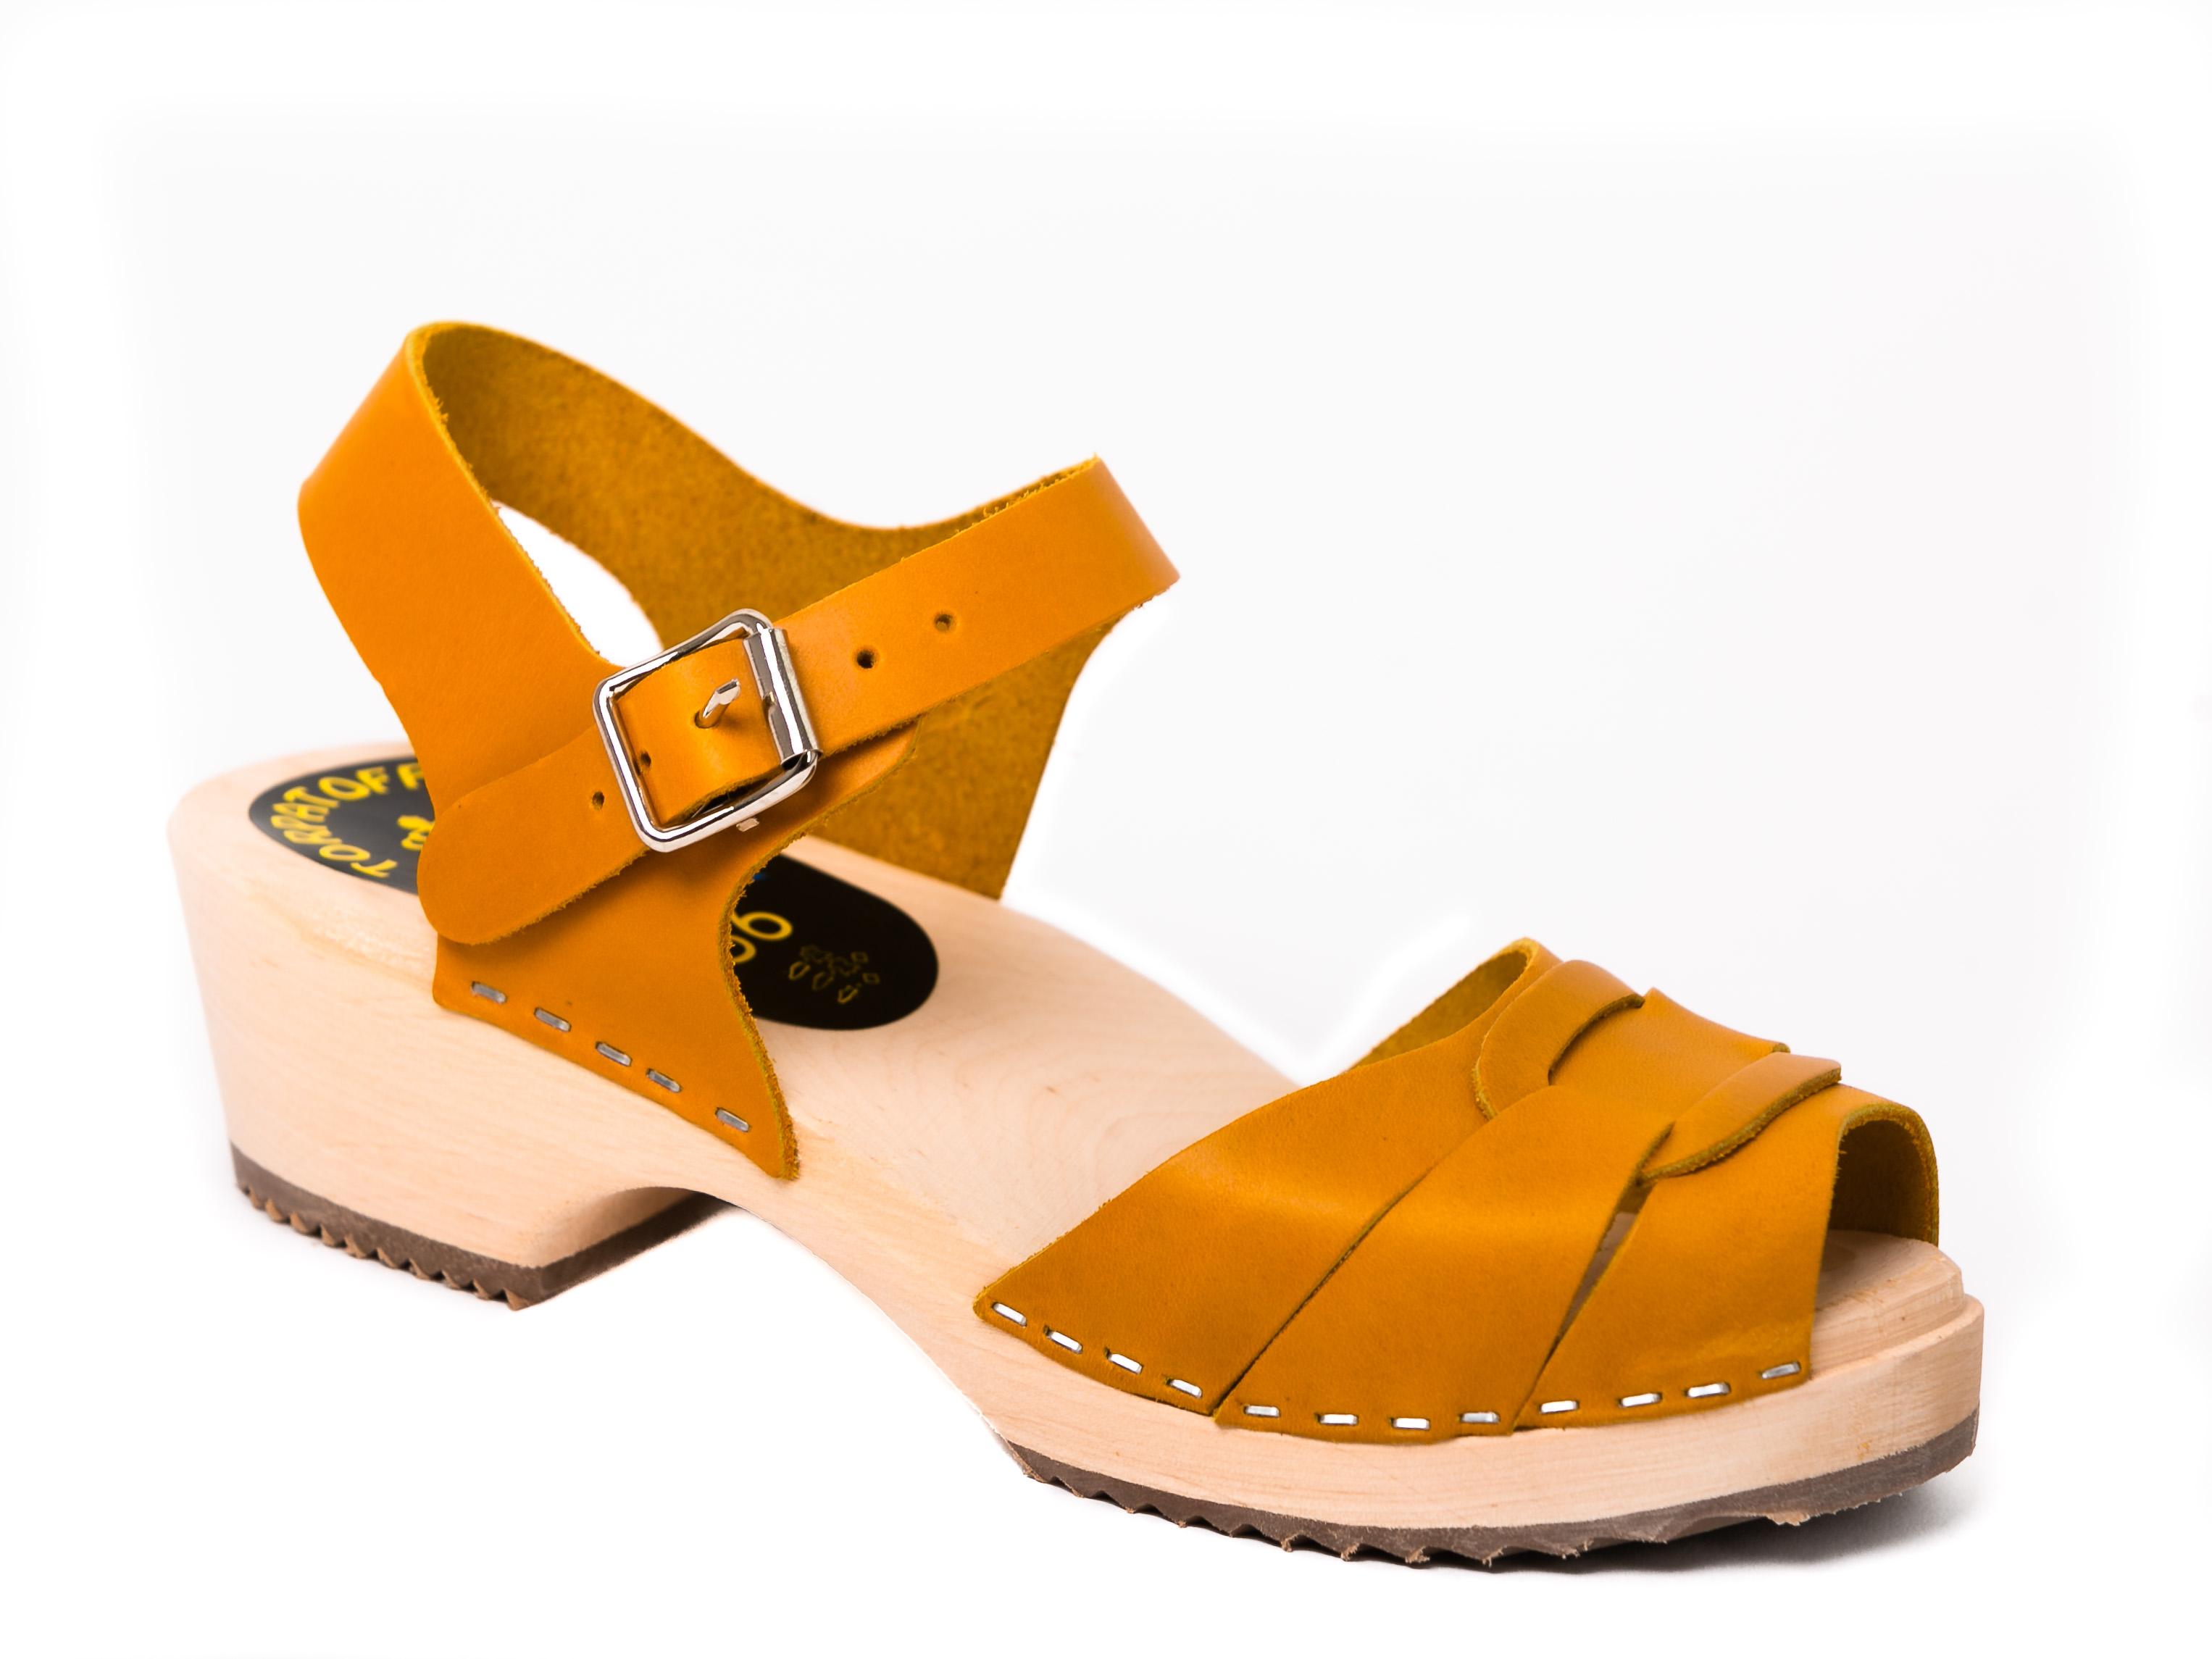 סנדלי עץ נשים קלוע עקב נמוך צהוב חרדל קאמל בהיר